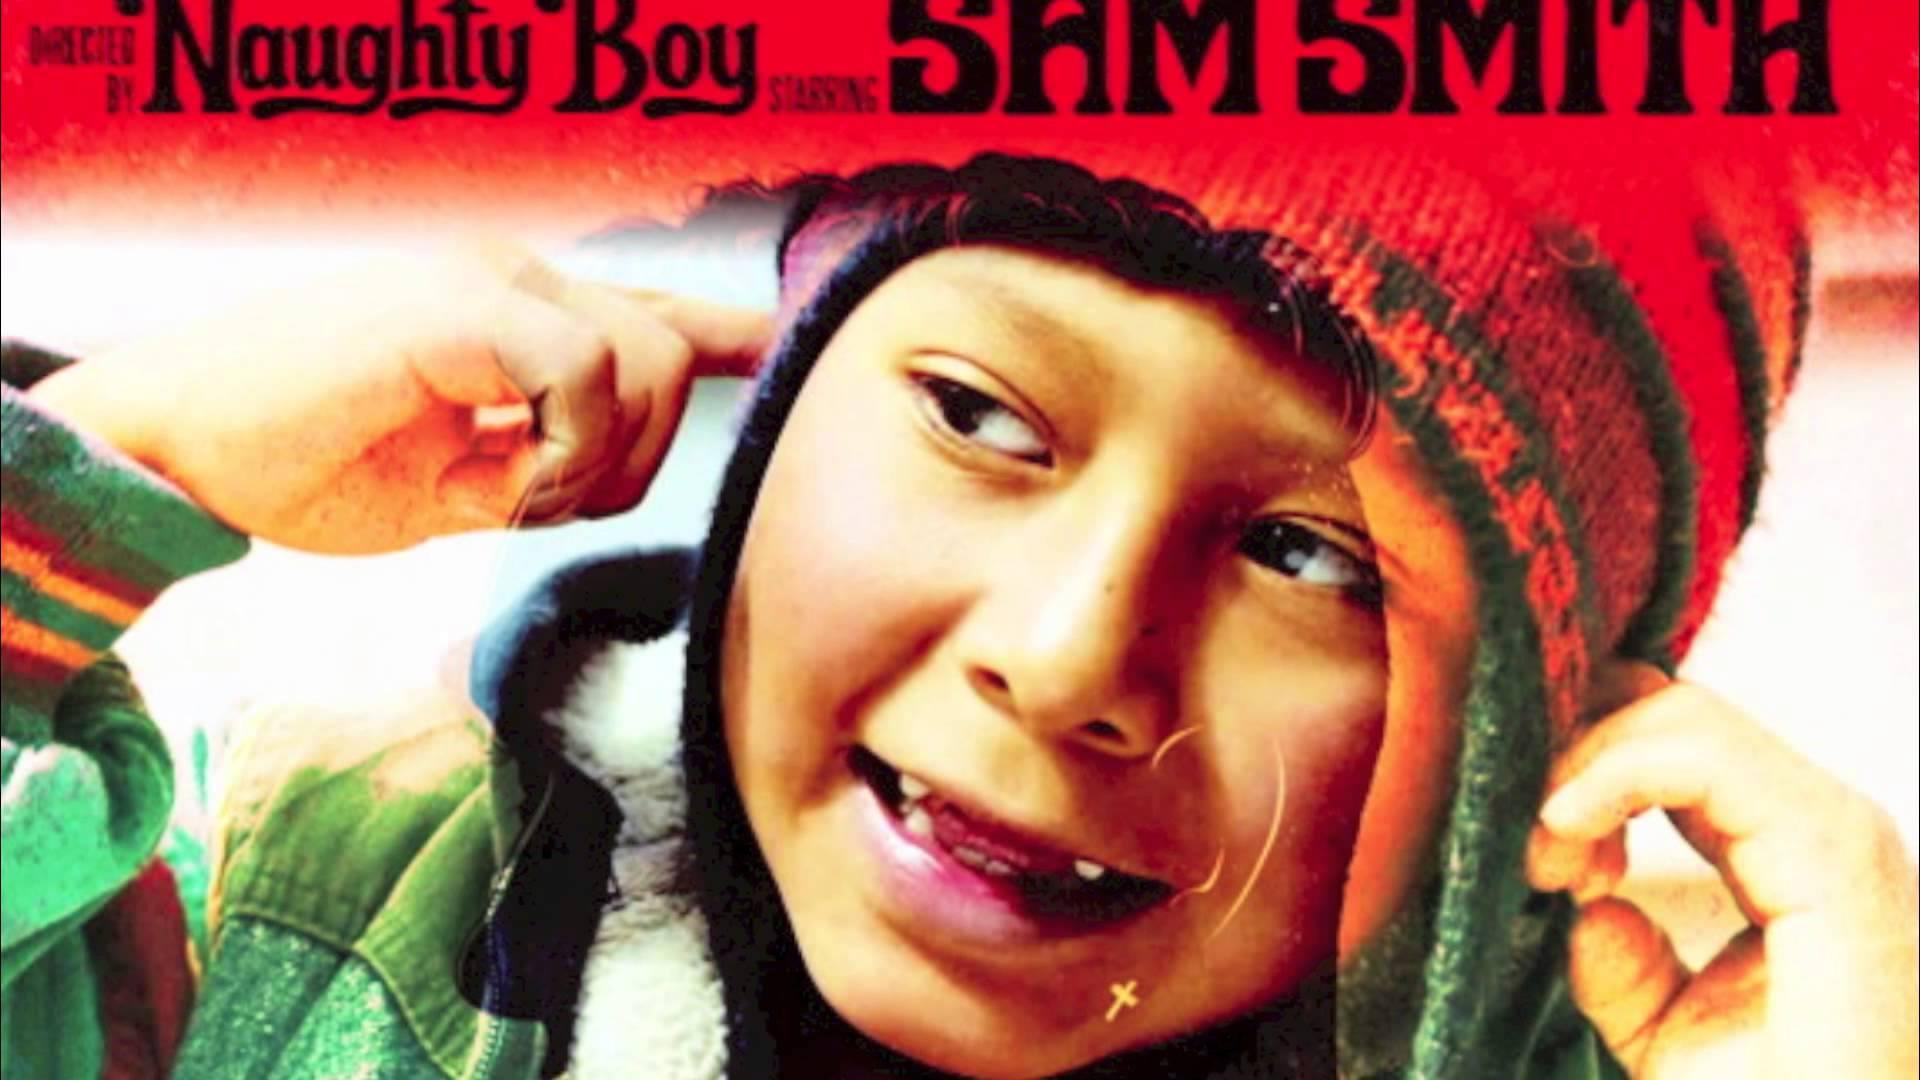 ポジティブな耳栓のススメ、Naughty Boy「La La La ft. Sam Smith」PV